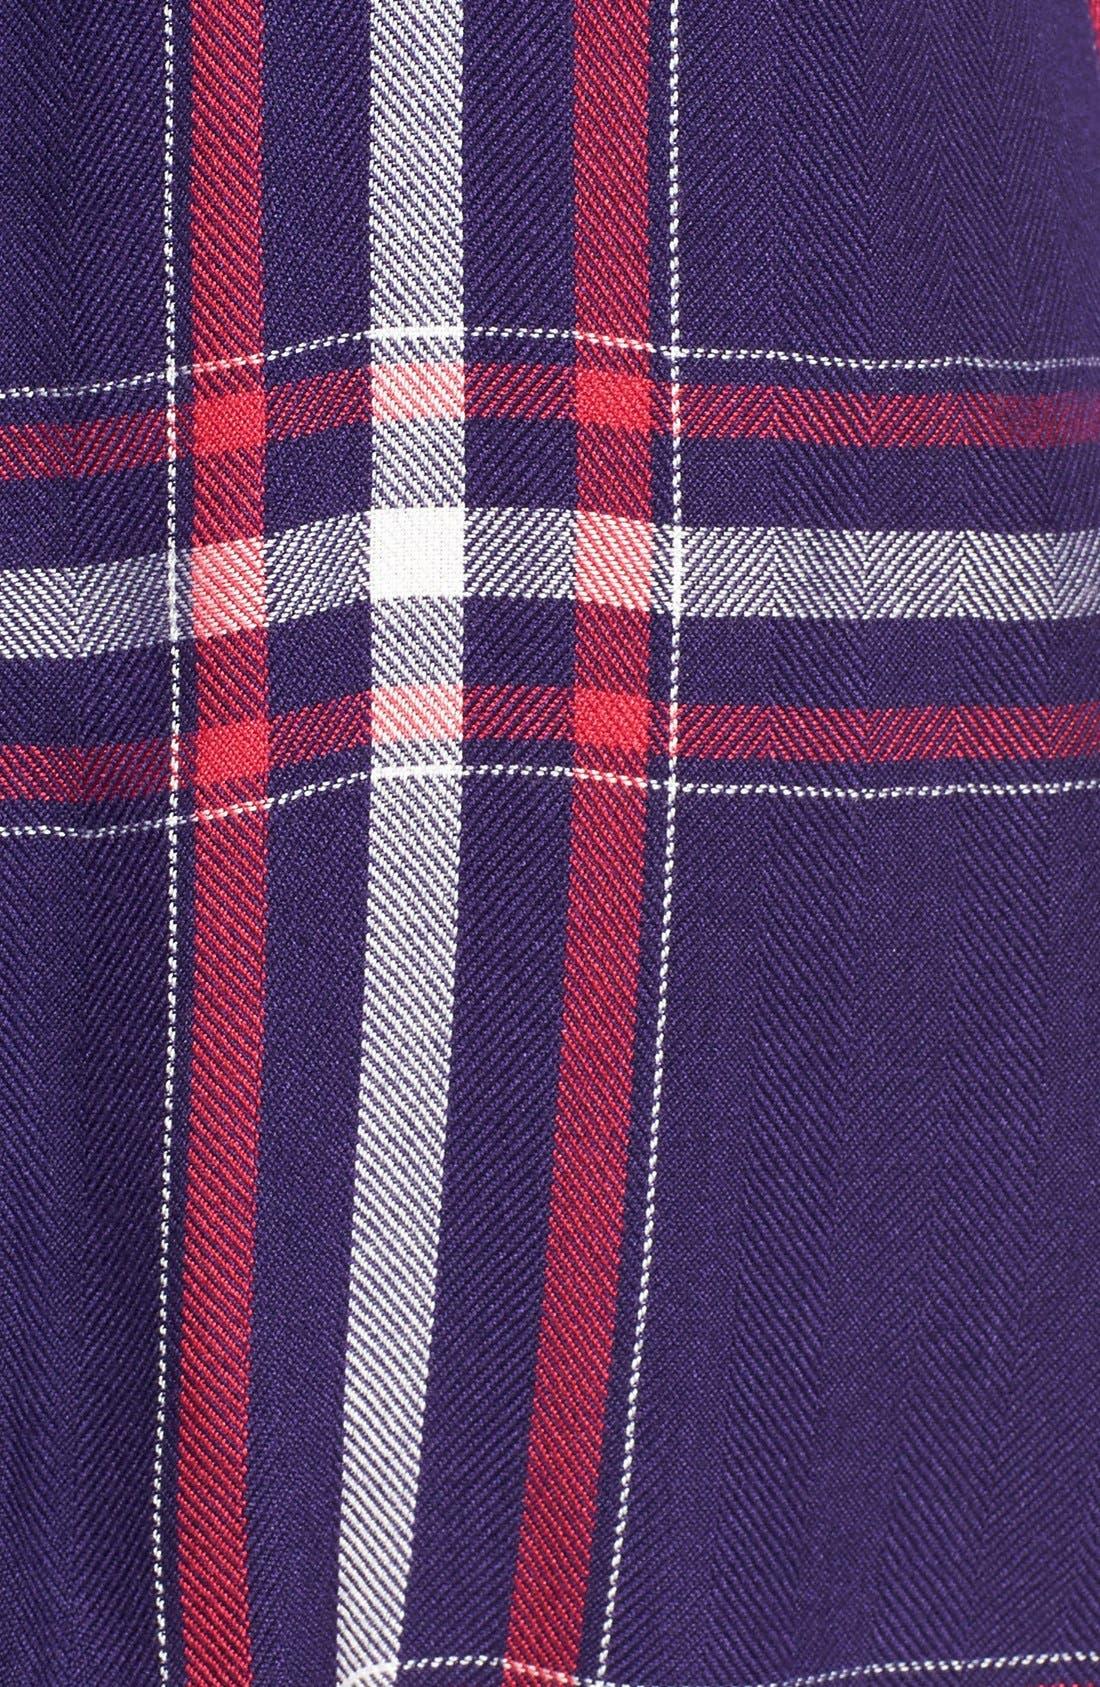 Hunter Plaid Shirt,                             Alternate thumbnail 660, color,